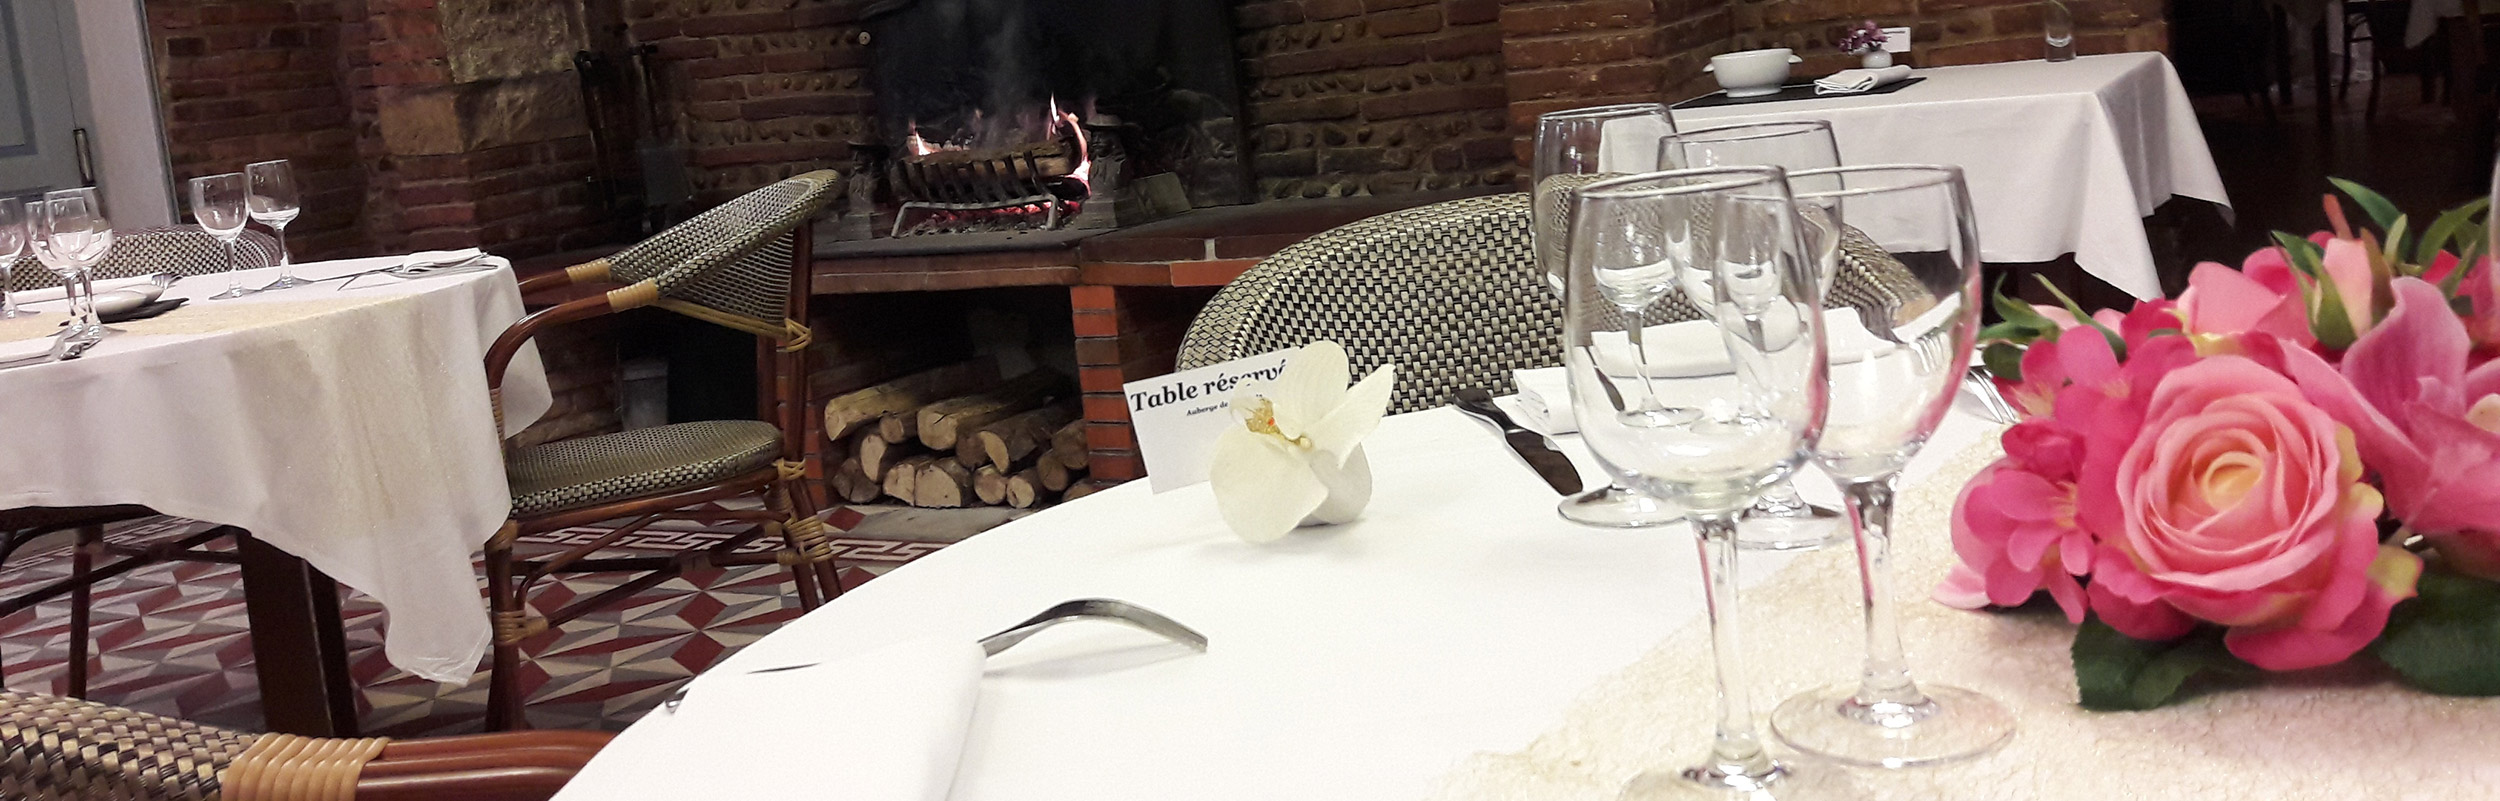 La salle - L'Auberge de la Pointe, restaurant à Saint-Sulpice dans le Tarn / © DR